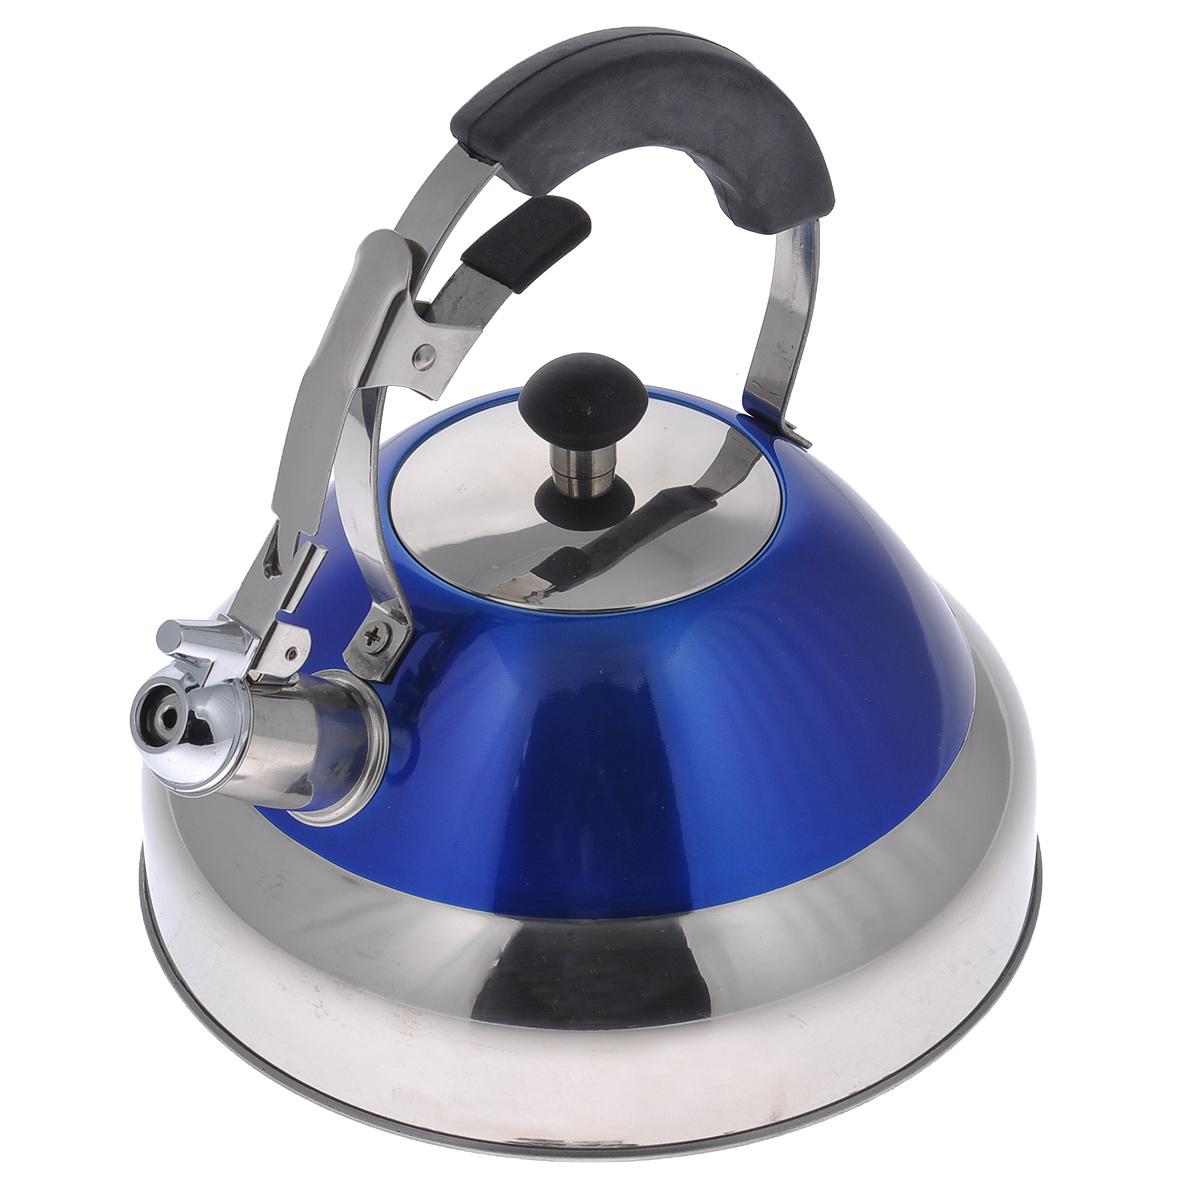 Чайник Bekker De Luxe со свистком, цвет: синий, 2,7 л. BK-S423BK-S423Чайник Bekker De Luxe выполнен из высококачественной нержавеющей стали, что обеспечивает долговечность использования. Внешнее цветное эмалевое покрытие придает приятный внешний вид. Металлическая фиксированная ручка с силиконовым покрытием делает использование чайника очень удобным и безопасным. Чайник снабжен свистком и устройством для открывания носика. Изделие оснащено капсулированным дном для лучшего распространения тепла. Можно мыть в посудомоечной машине. Пригоден для всех видов плит кроме индукционных. Высота чайника (без учета крышки и ручки): 11 см. Высота чайника (с учетом ручки): 24 см. Диаметр основания: 22,5 см.